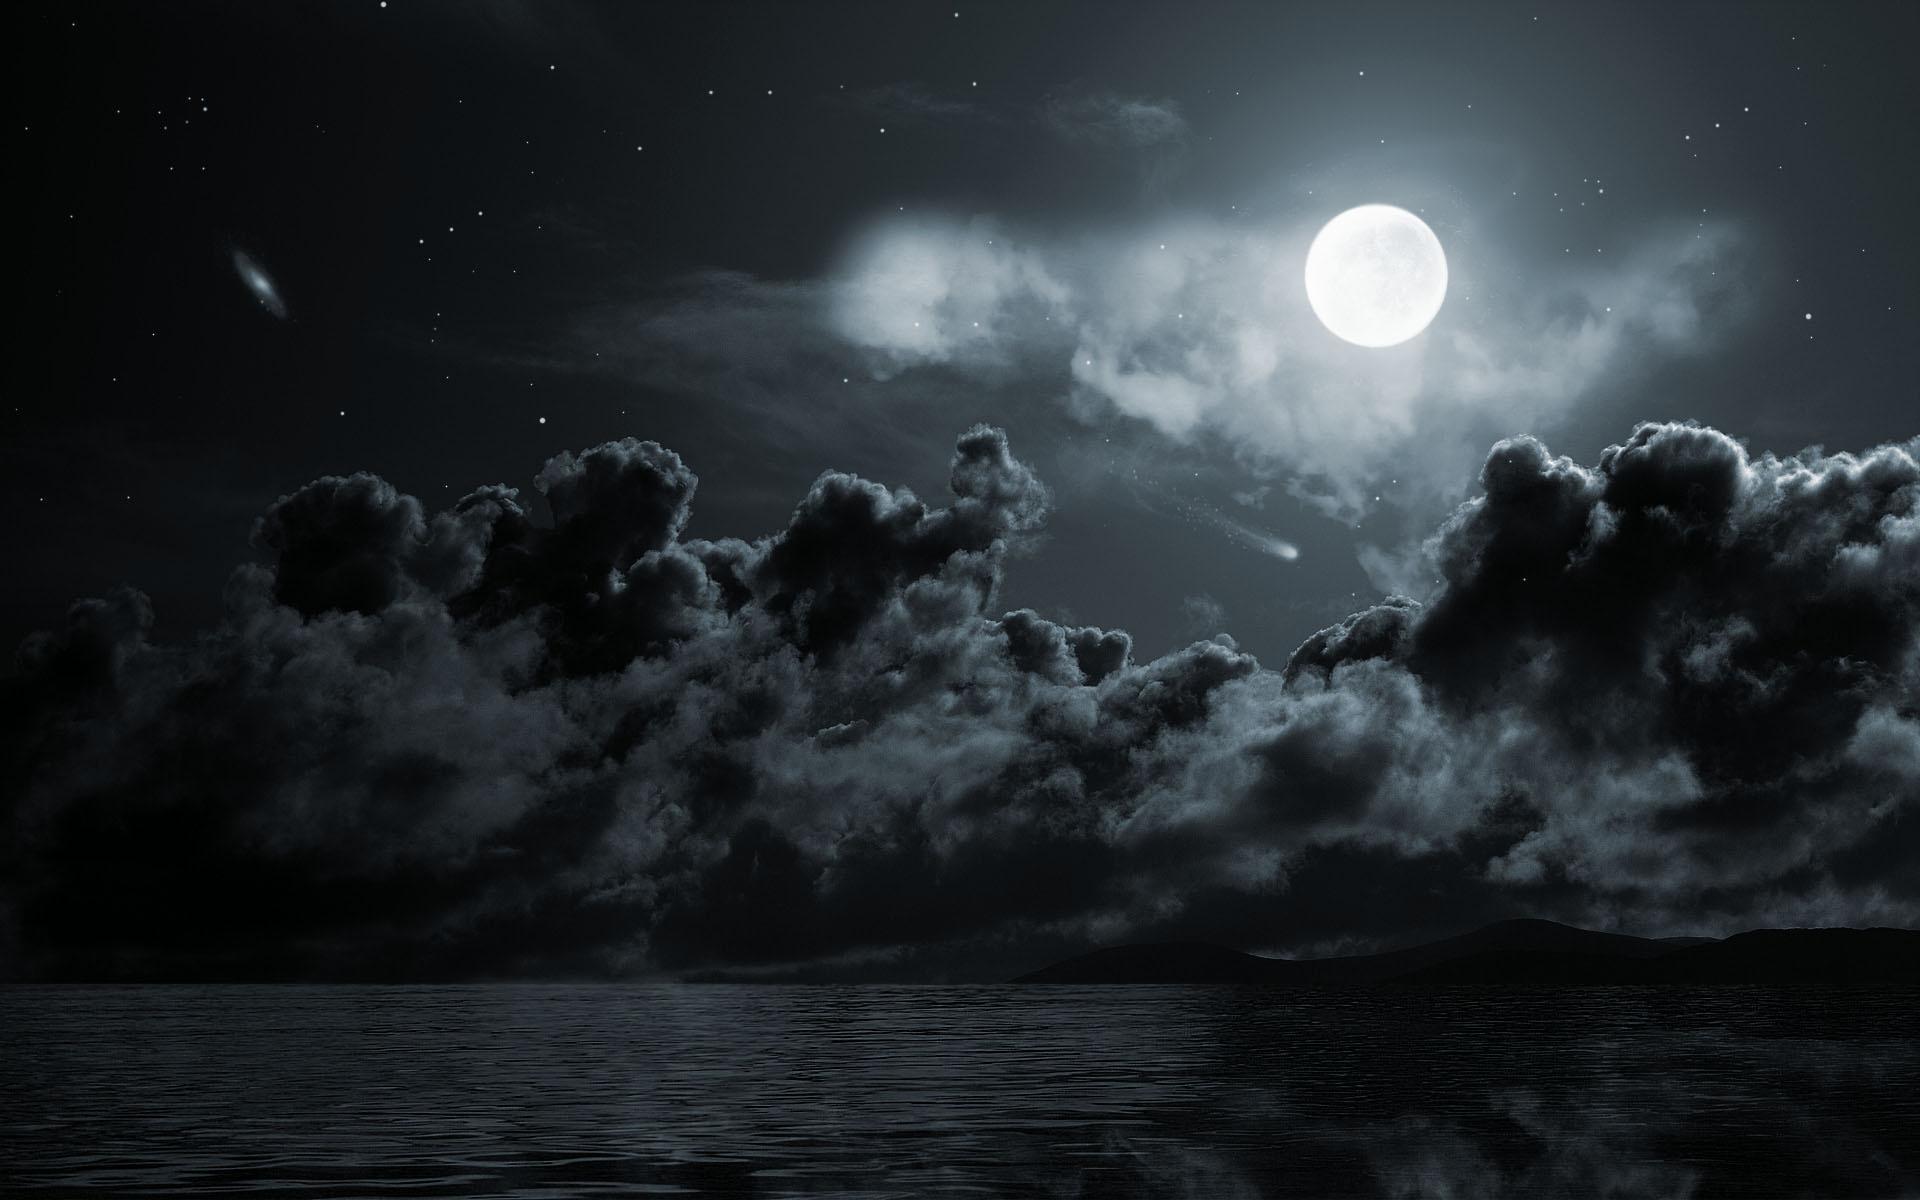 超级月亮今晚何时出现有多大错过等18年真假?什么是超级月亮图片?